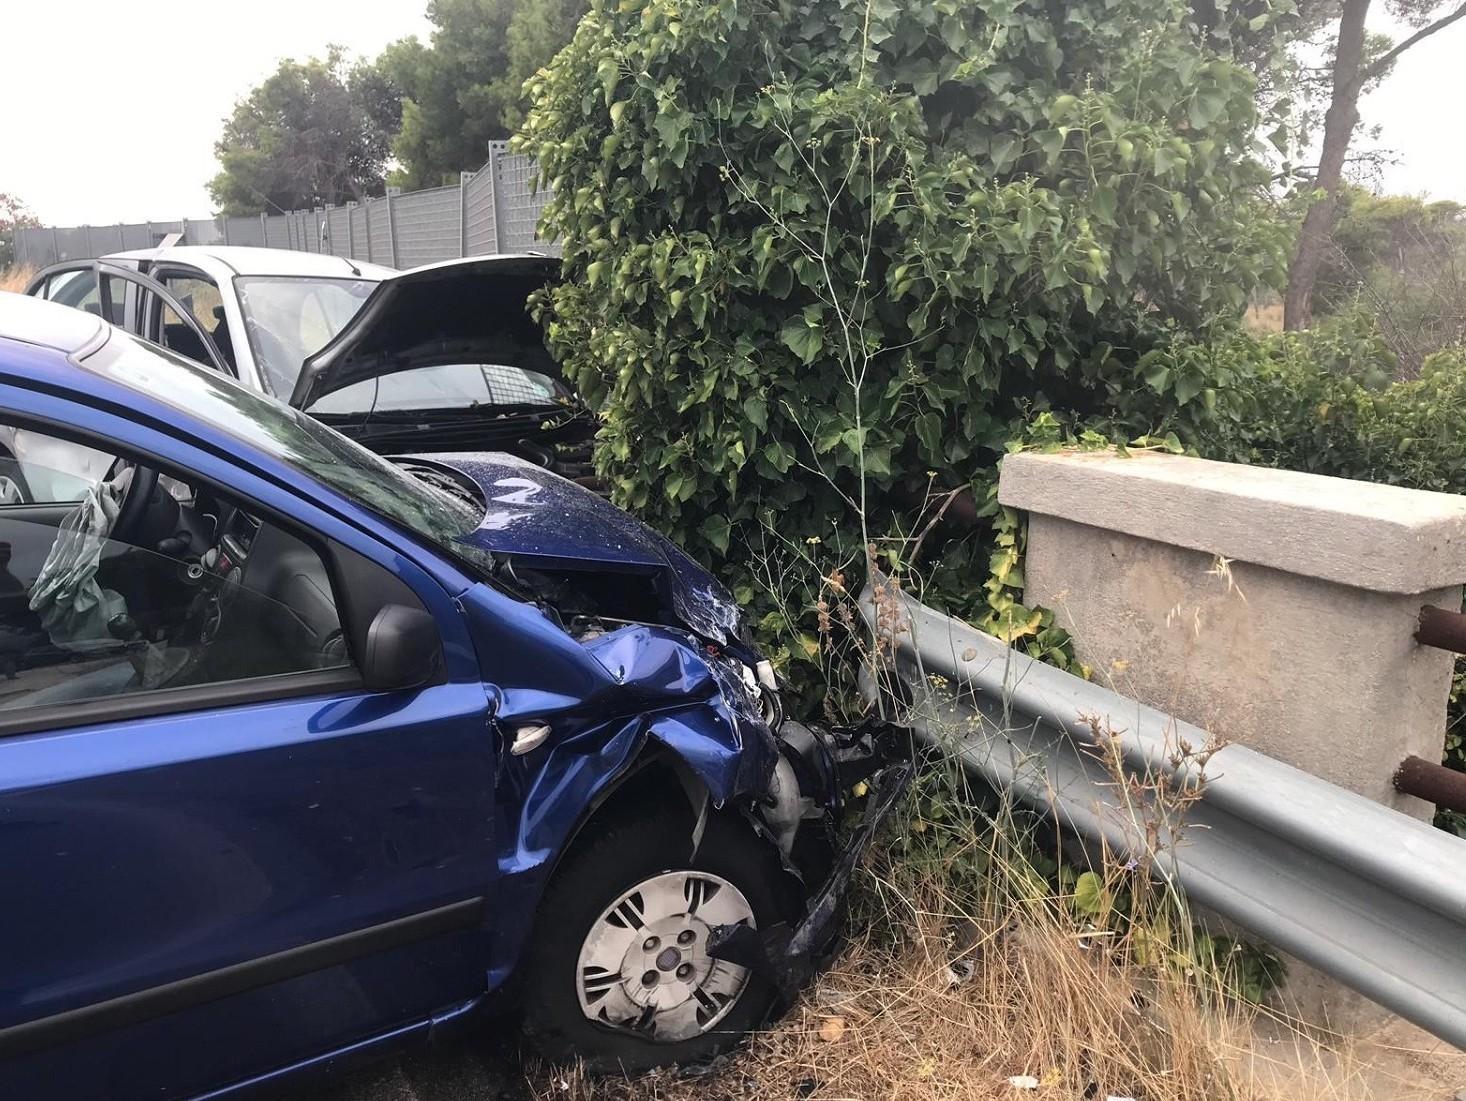 Cosa fare subito dopo un incidente stradale se sono il danneggiato o il danneggiante